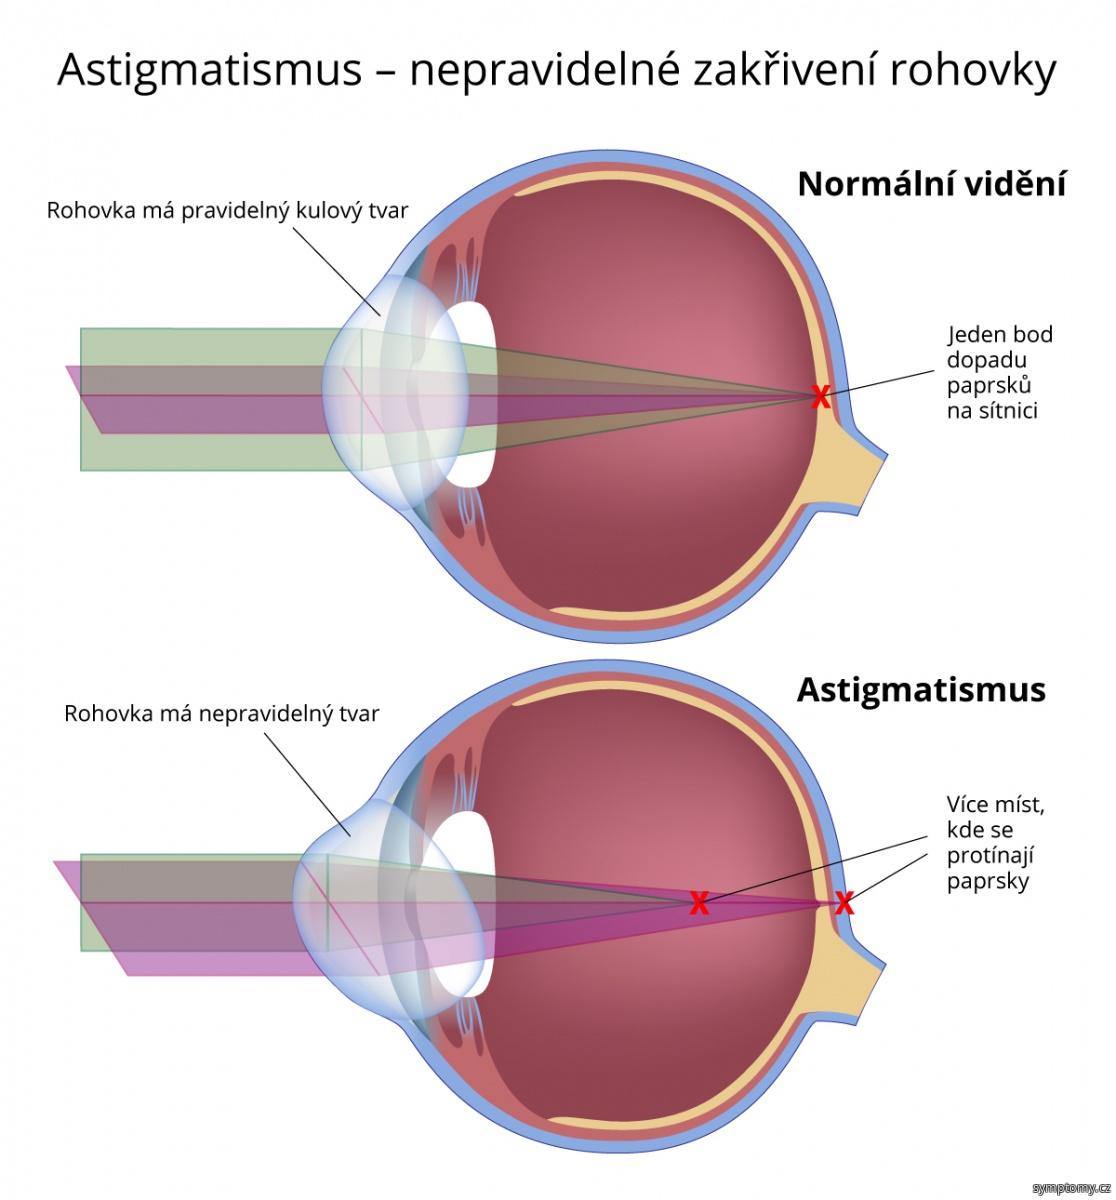 Astigmatismus - nepravidelné zakřivení rohovky